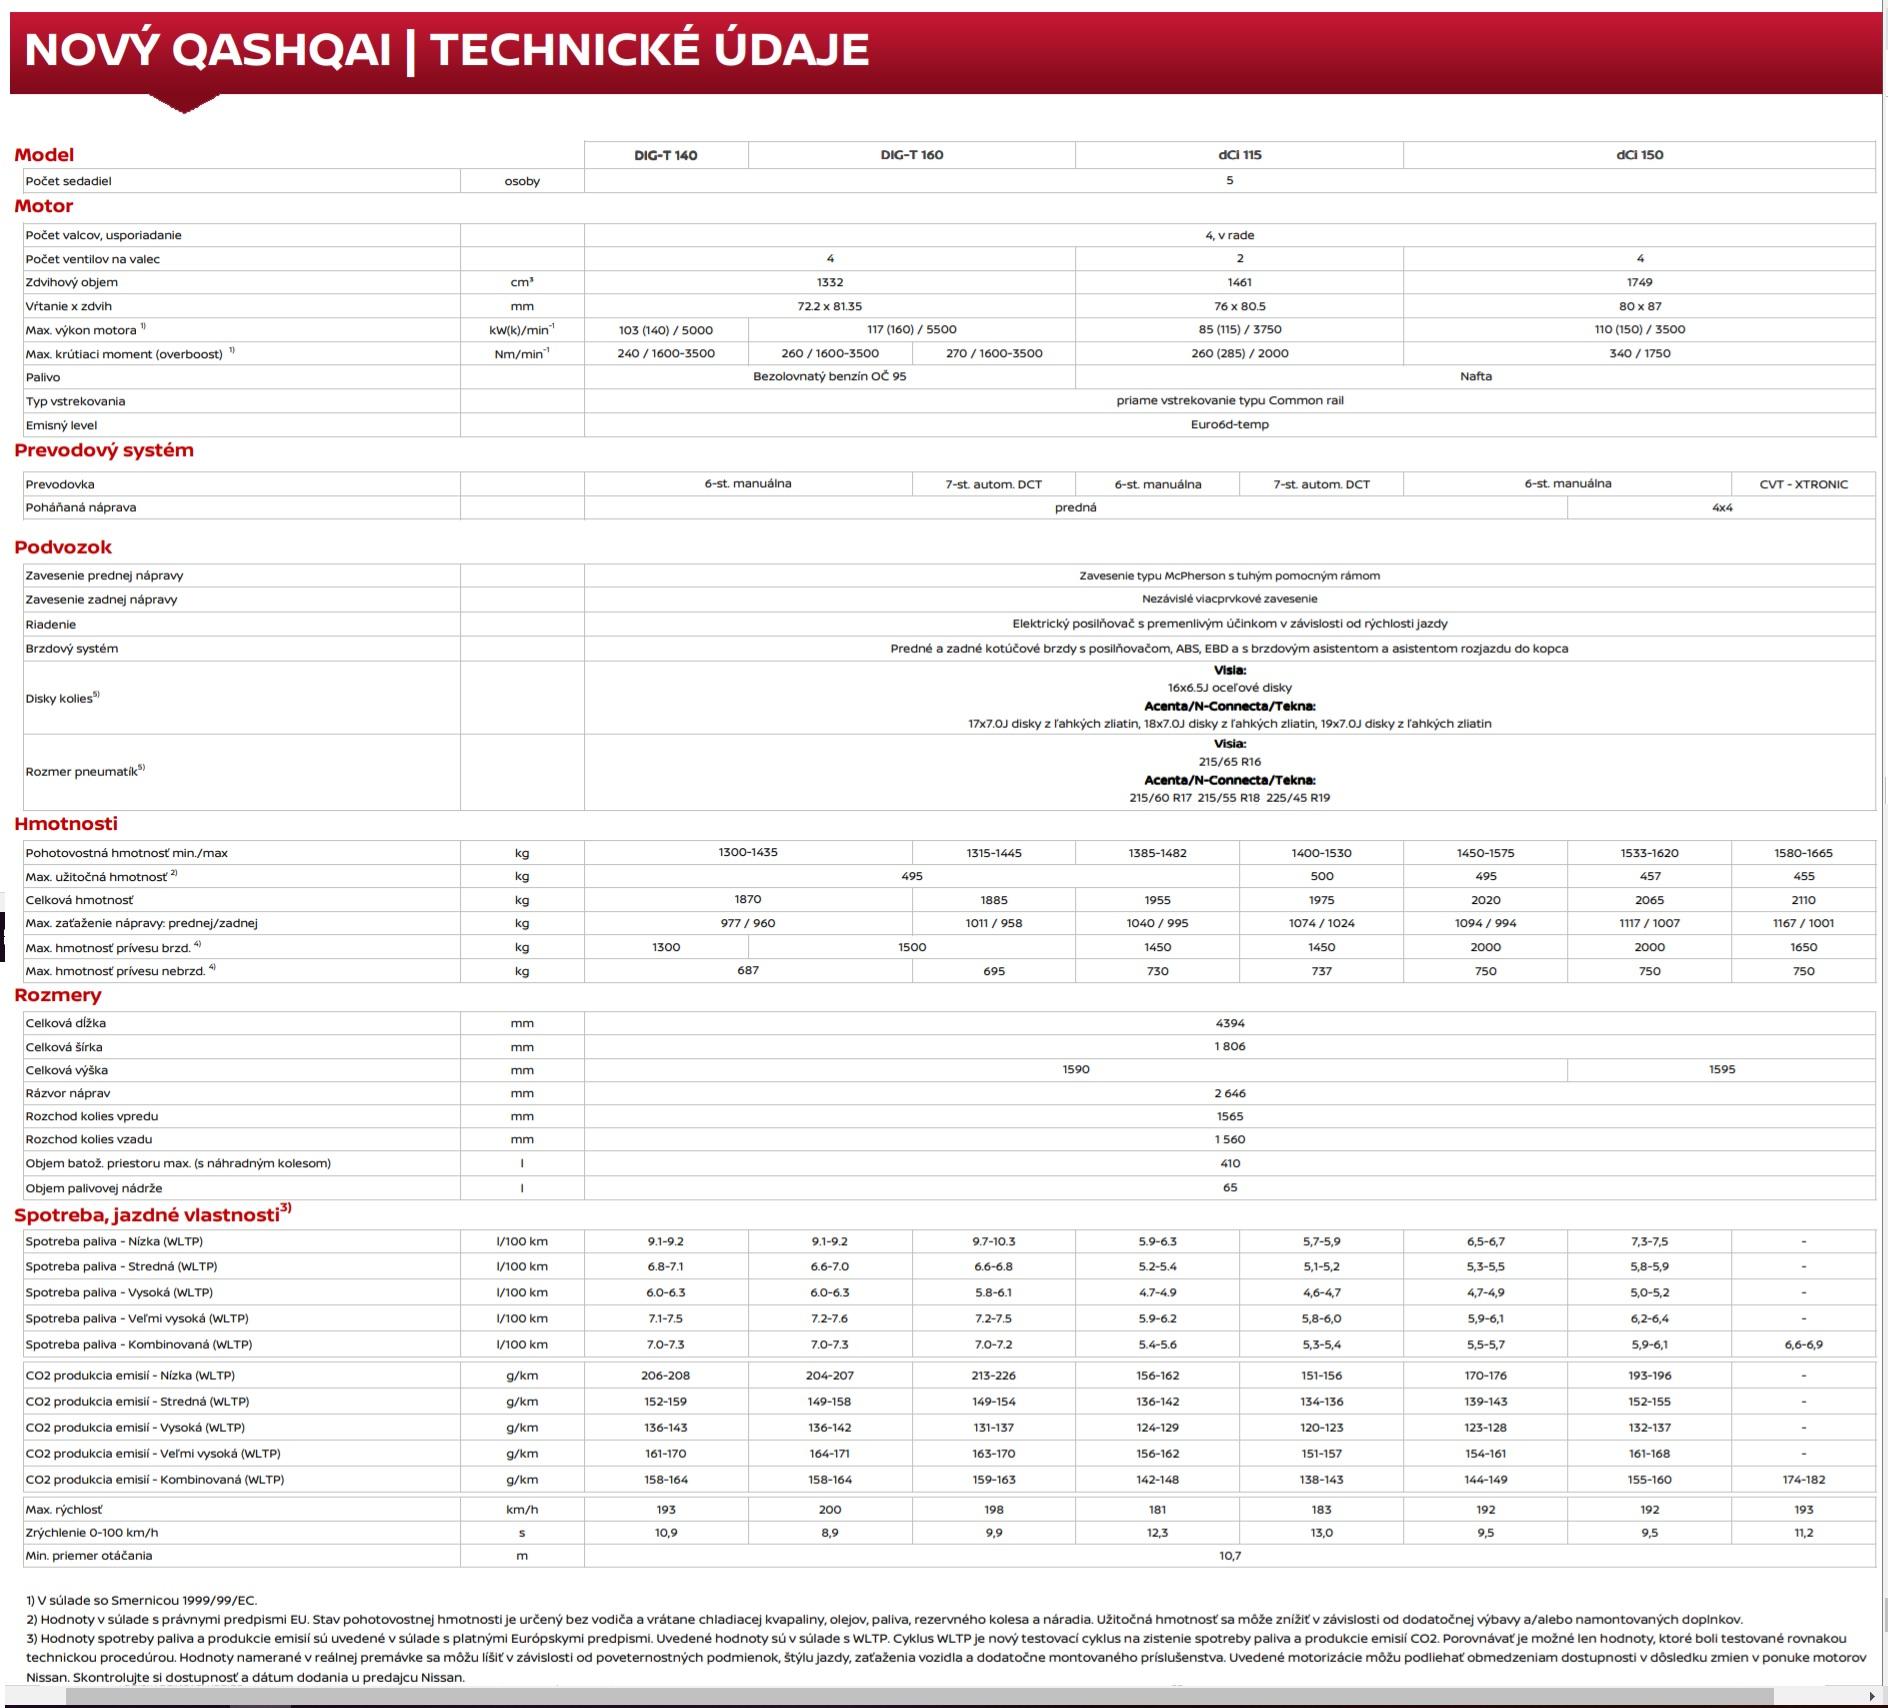 Technické údaje Nissan Qashqai